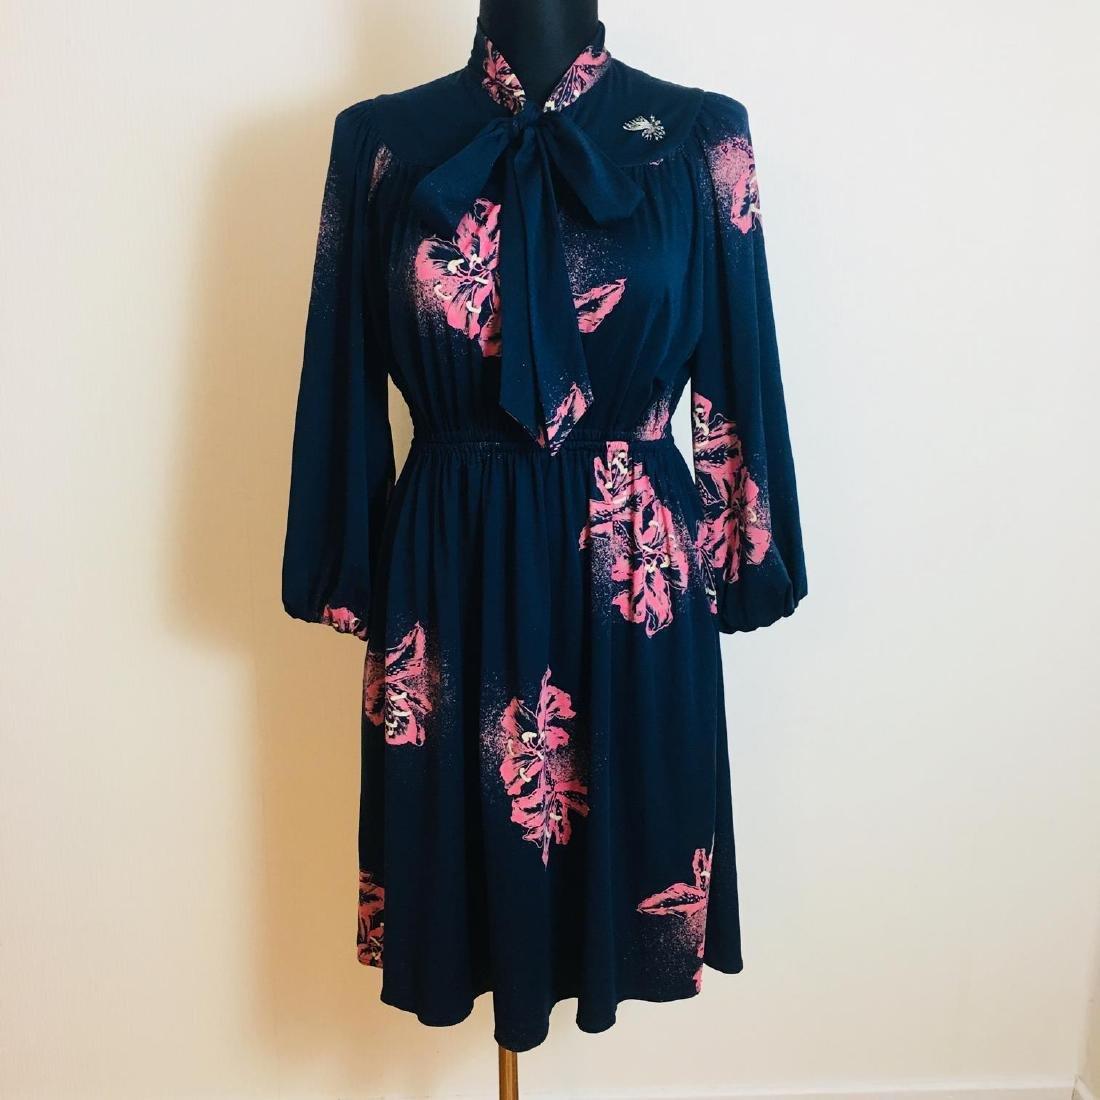 Vintage Women's Cocktail Evening Dress Size EUR 44